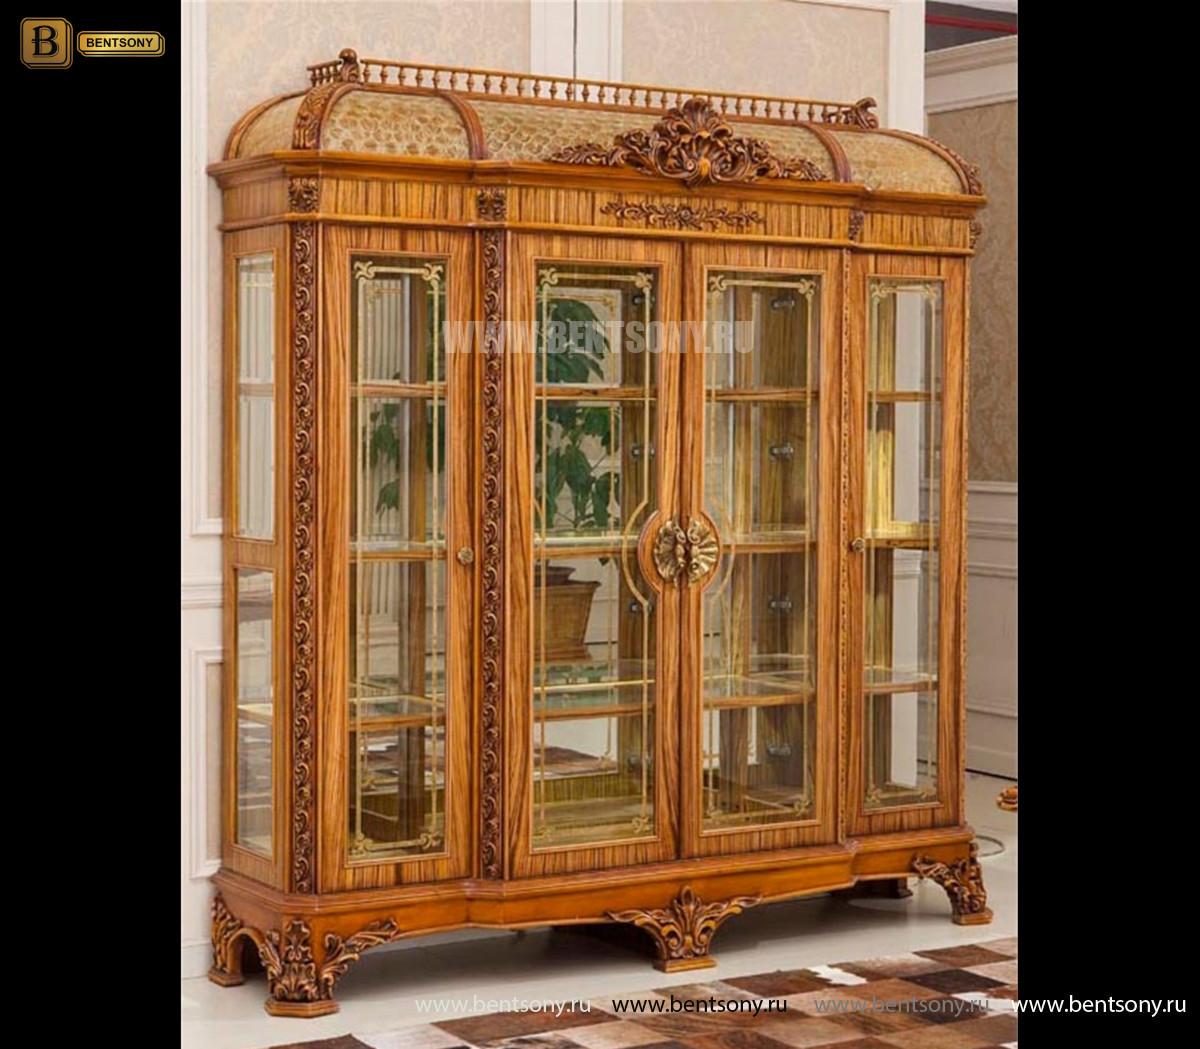 Витрина 4-х дверная Белмонт (Массив дерева, классика) в СПб